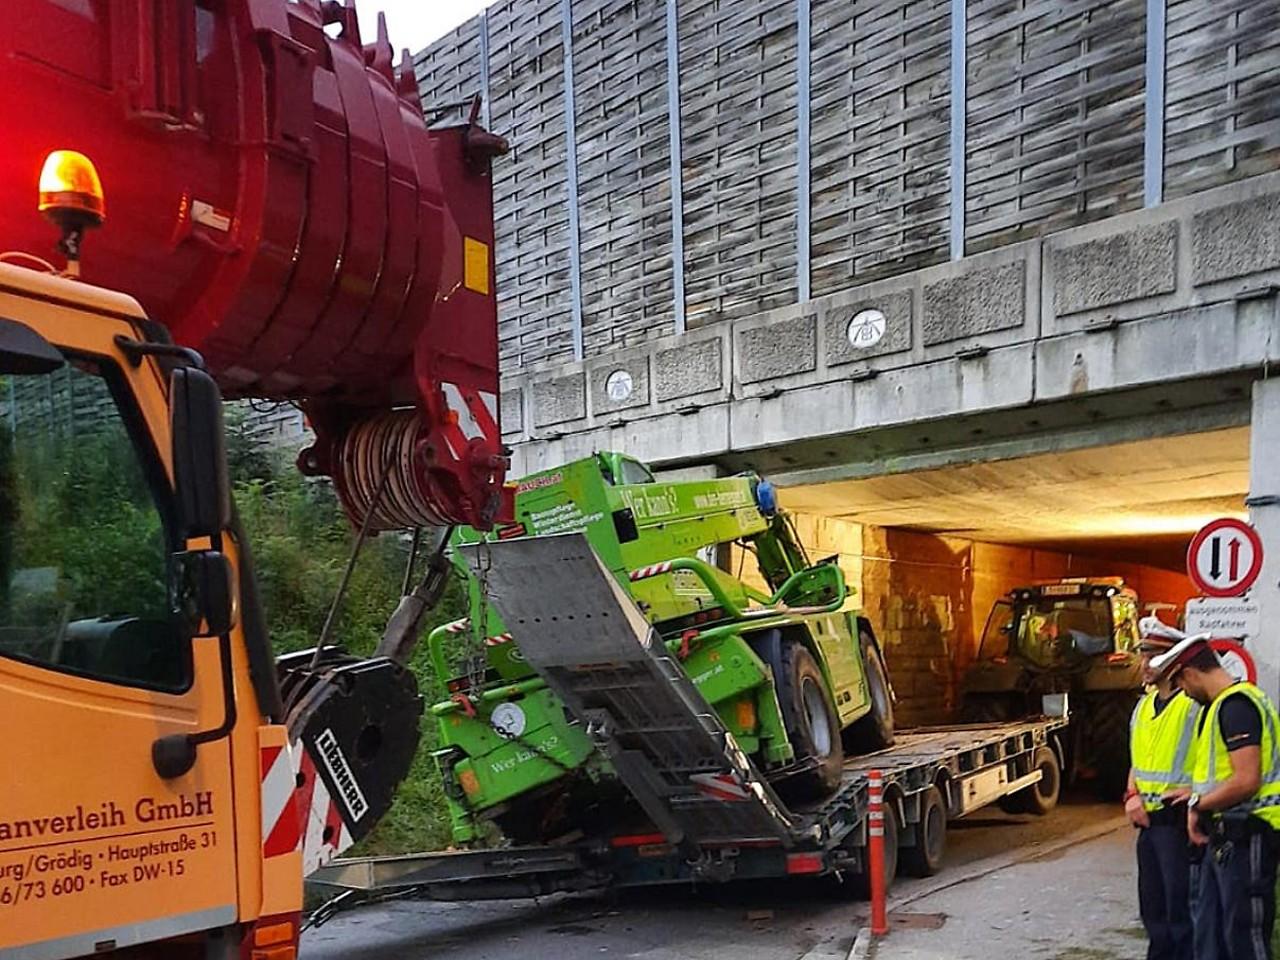 Unterfuhrung Bei Schwertransport Gerammt Salzburg Orf At